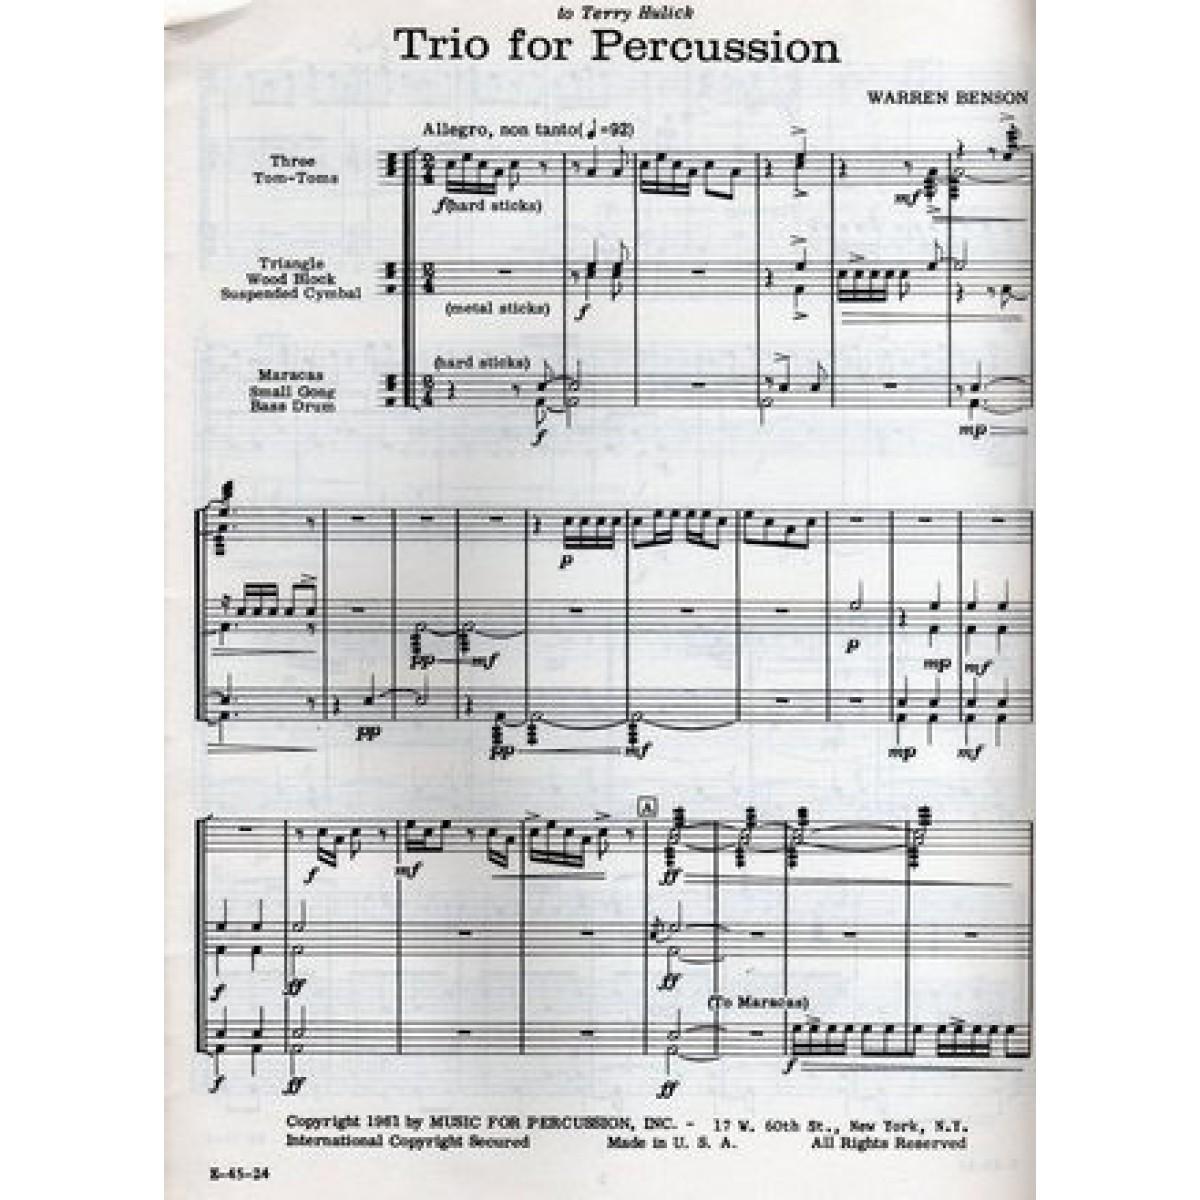 Trio For Percussion by Warren Benson